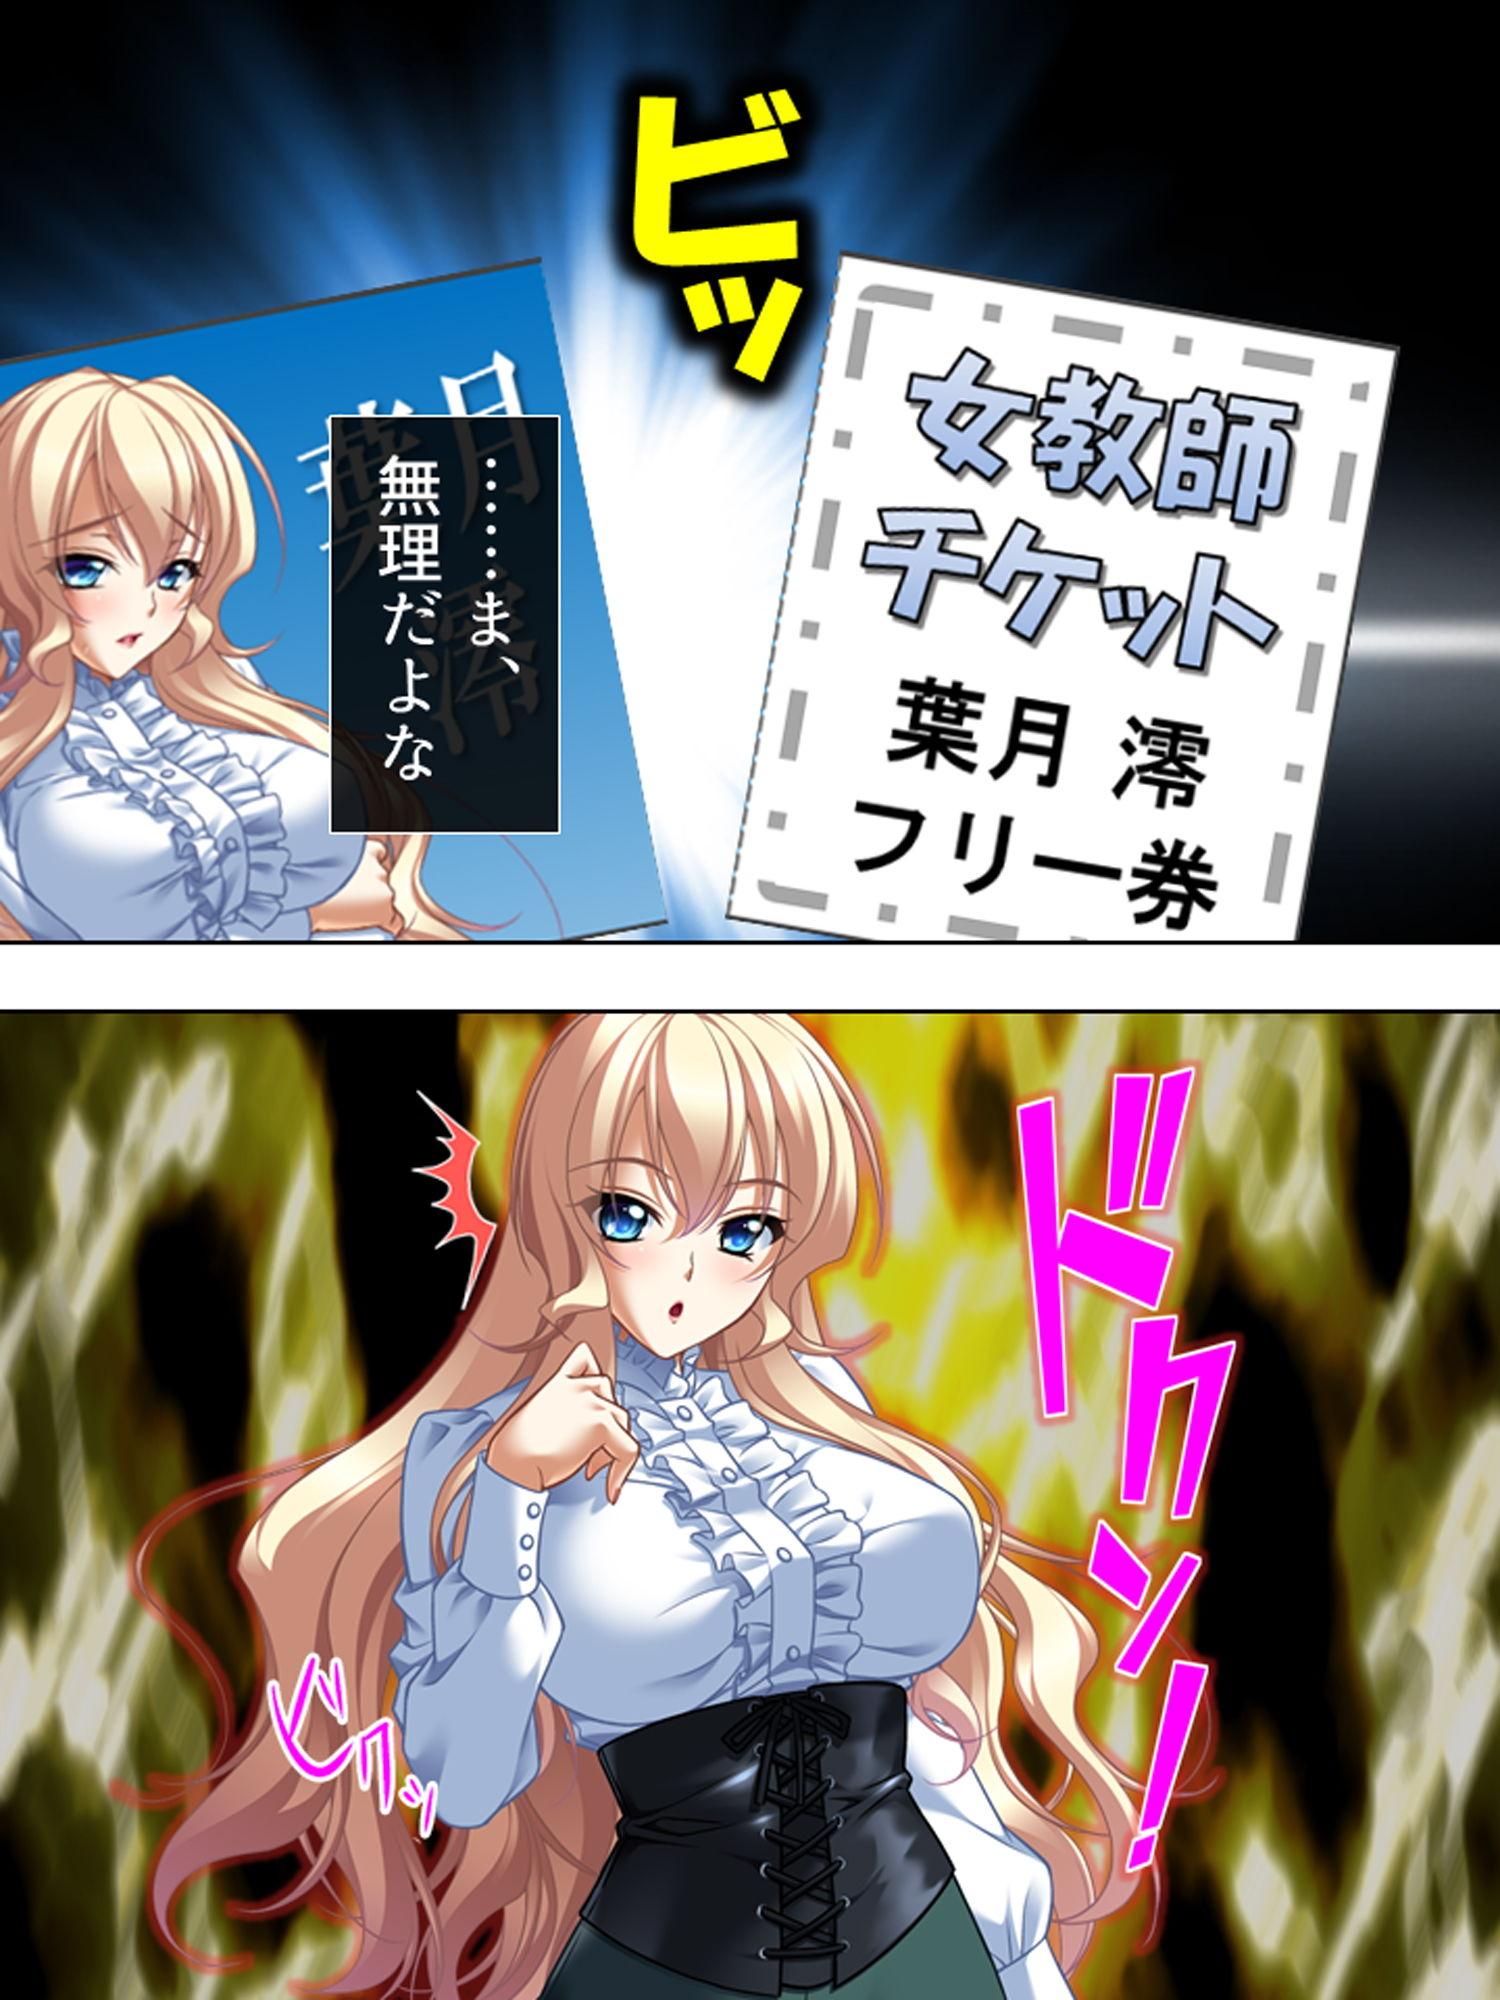 【アロマコミック 同人】巨乳美人の女教師を好き勝手できるチケットを入手っ!1巻